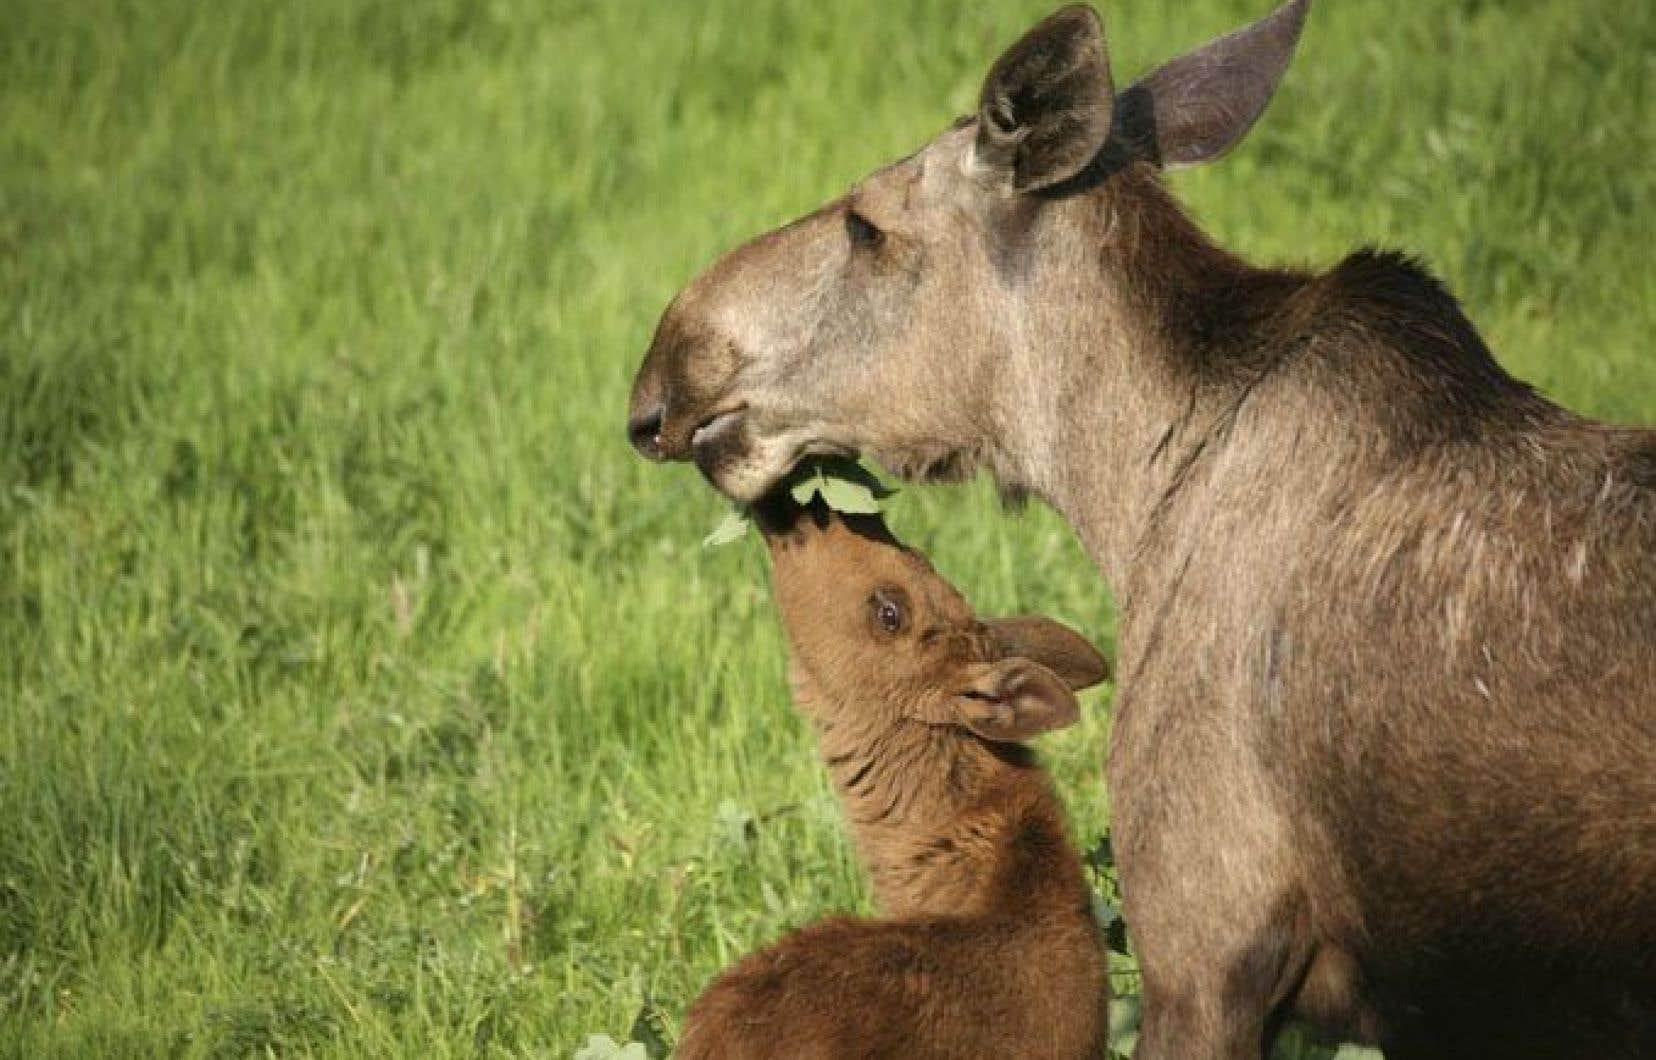 Plusieurs projets de recherche souffriront de la disparition de l'expertise des scientifiques, notamment ceux liés à l'étude du caribou des bois, une espèce menacée de disparition.